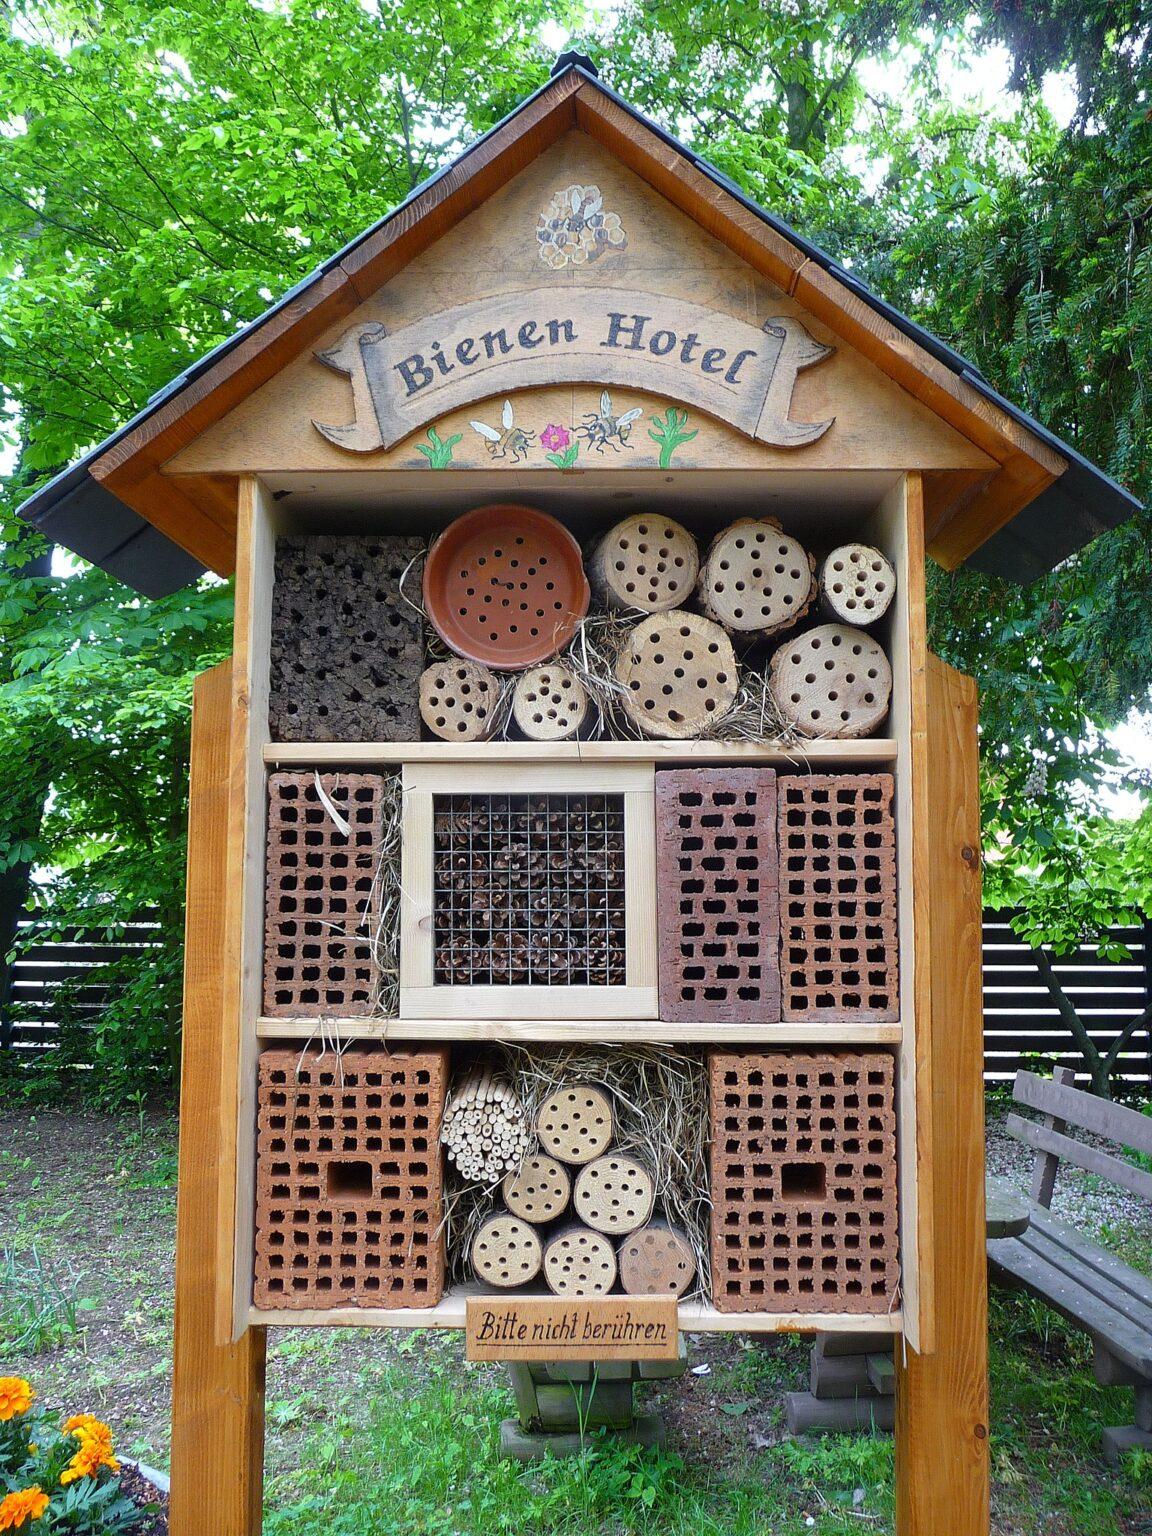 Bienen Hotel in Plankstadt